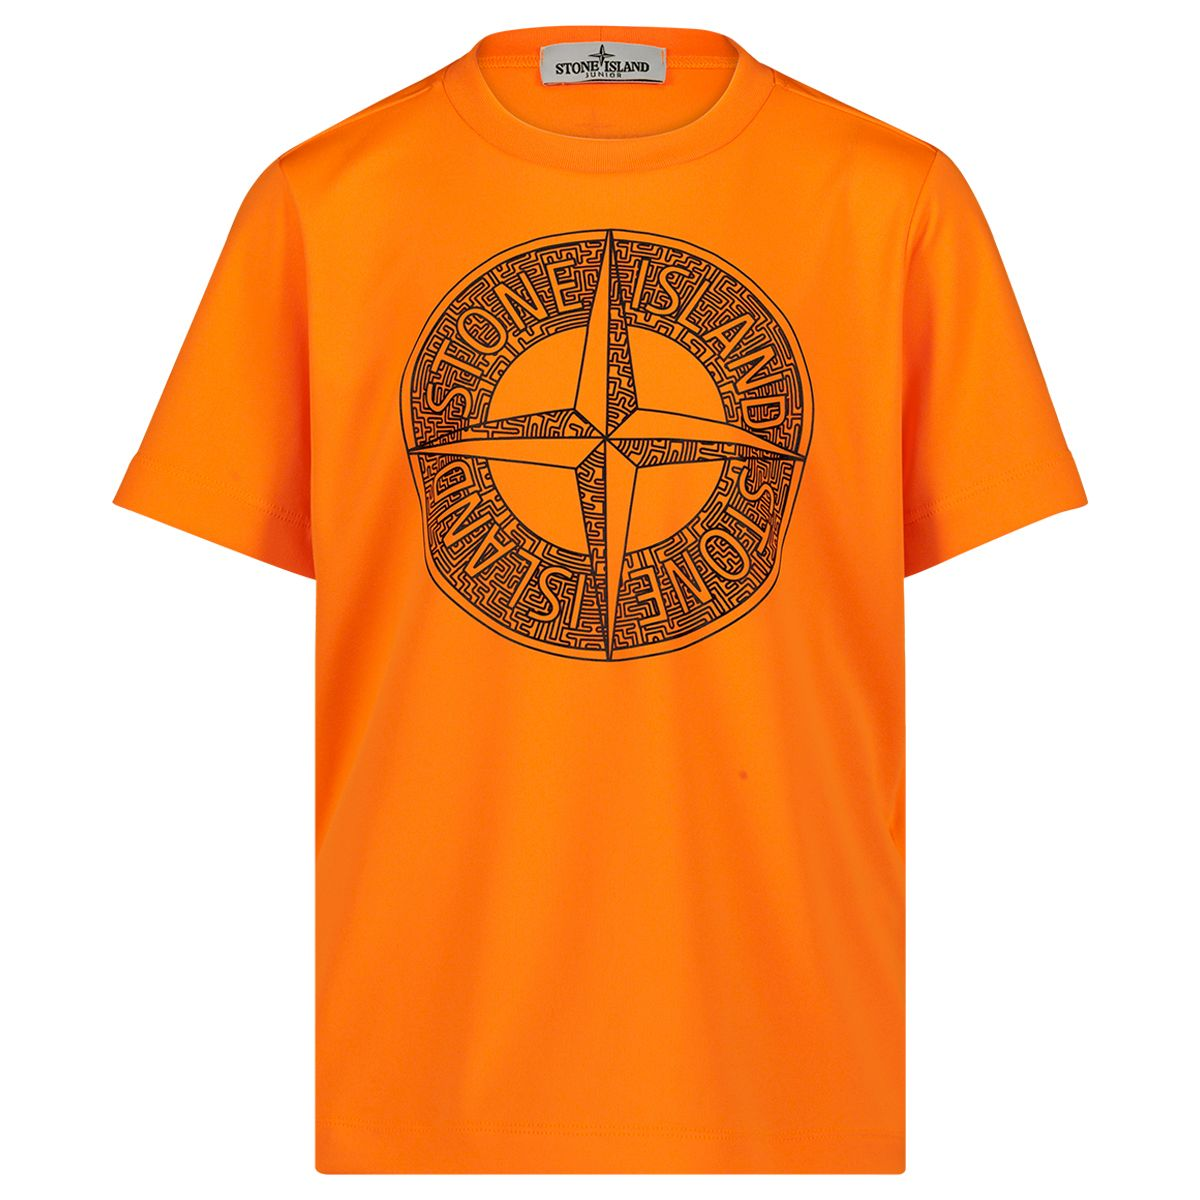 ORANJE STONE ISLAND Ronde hals sweater met embleem, oranje